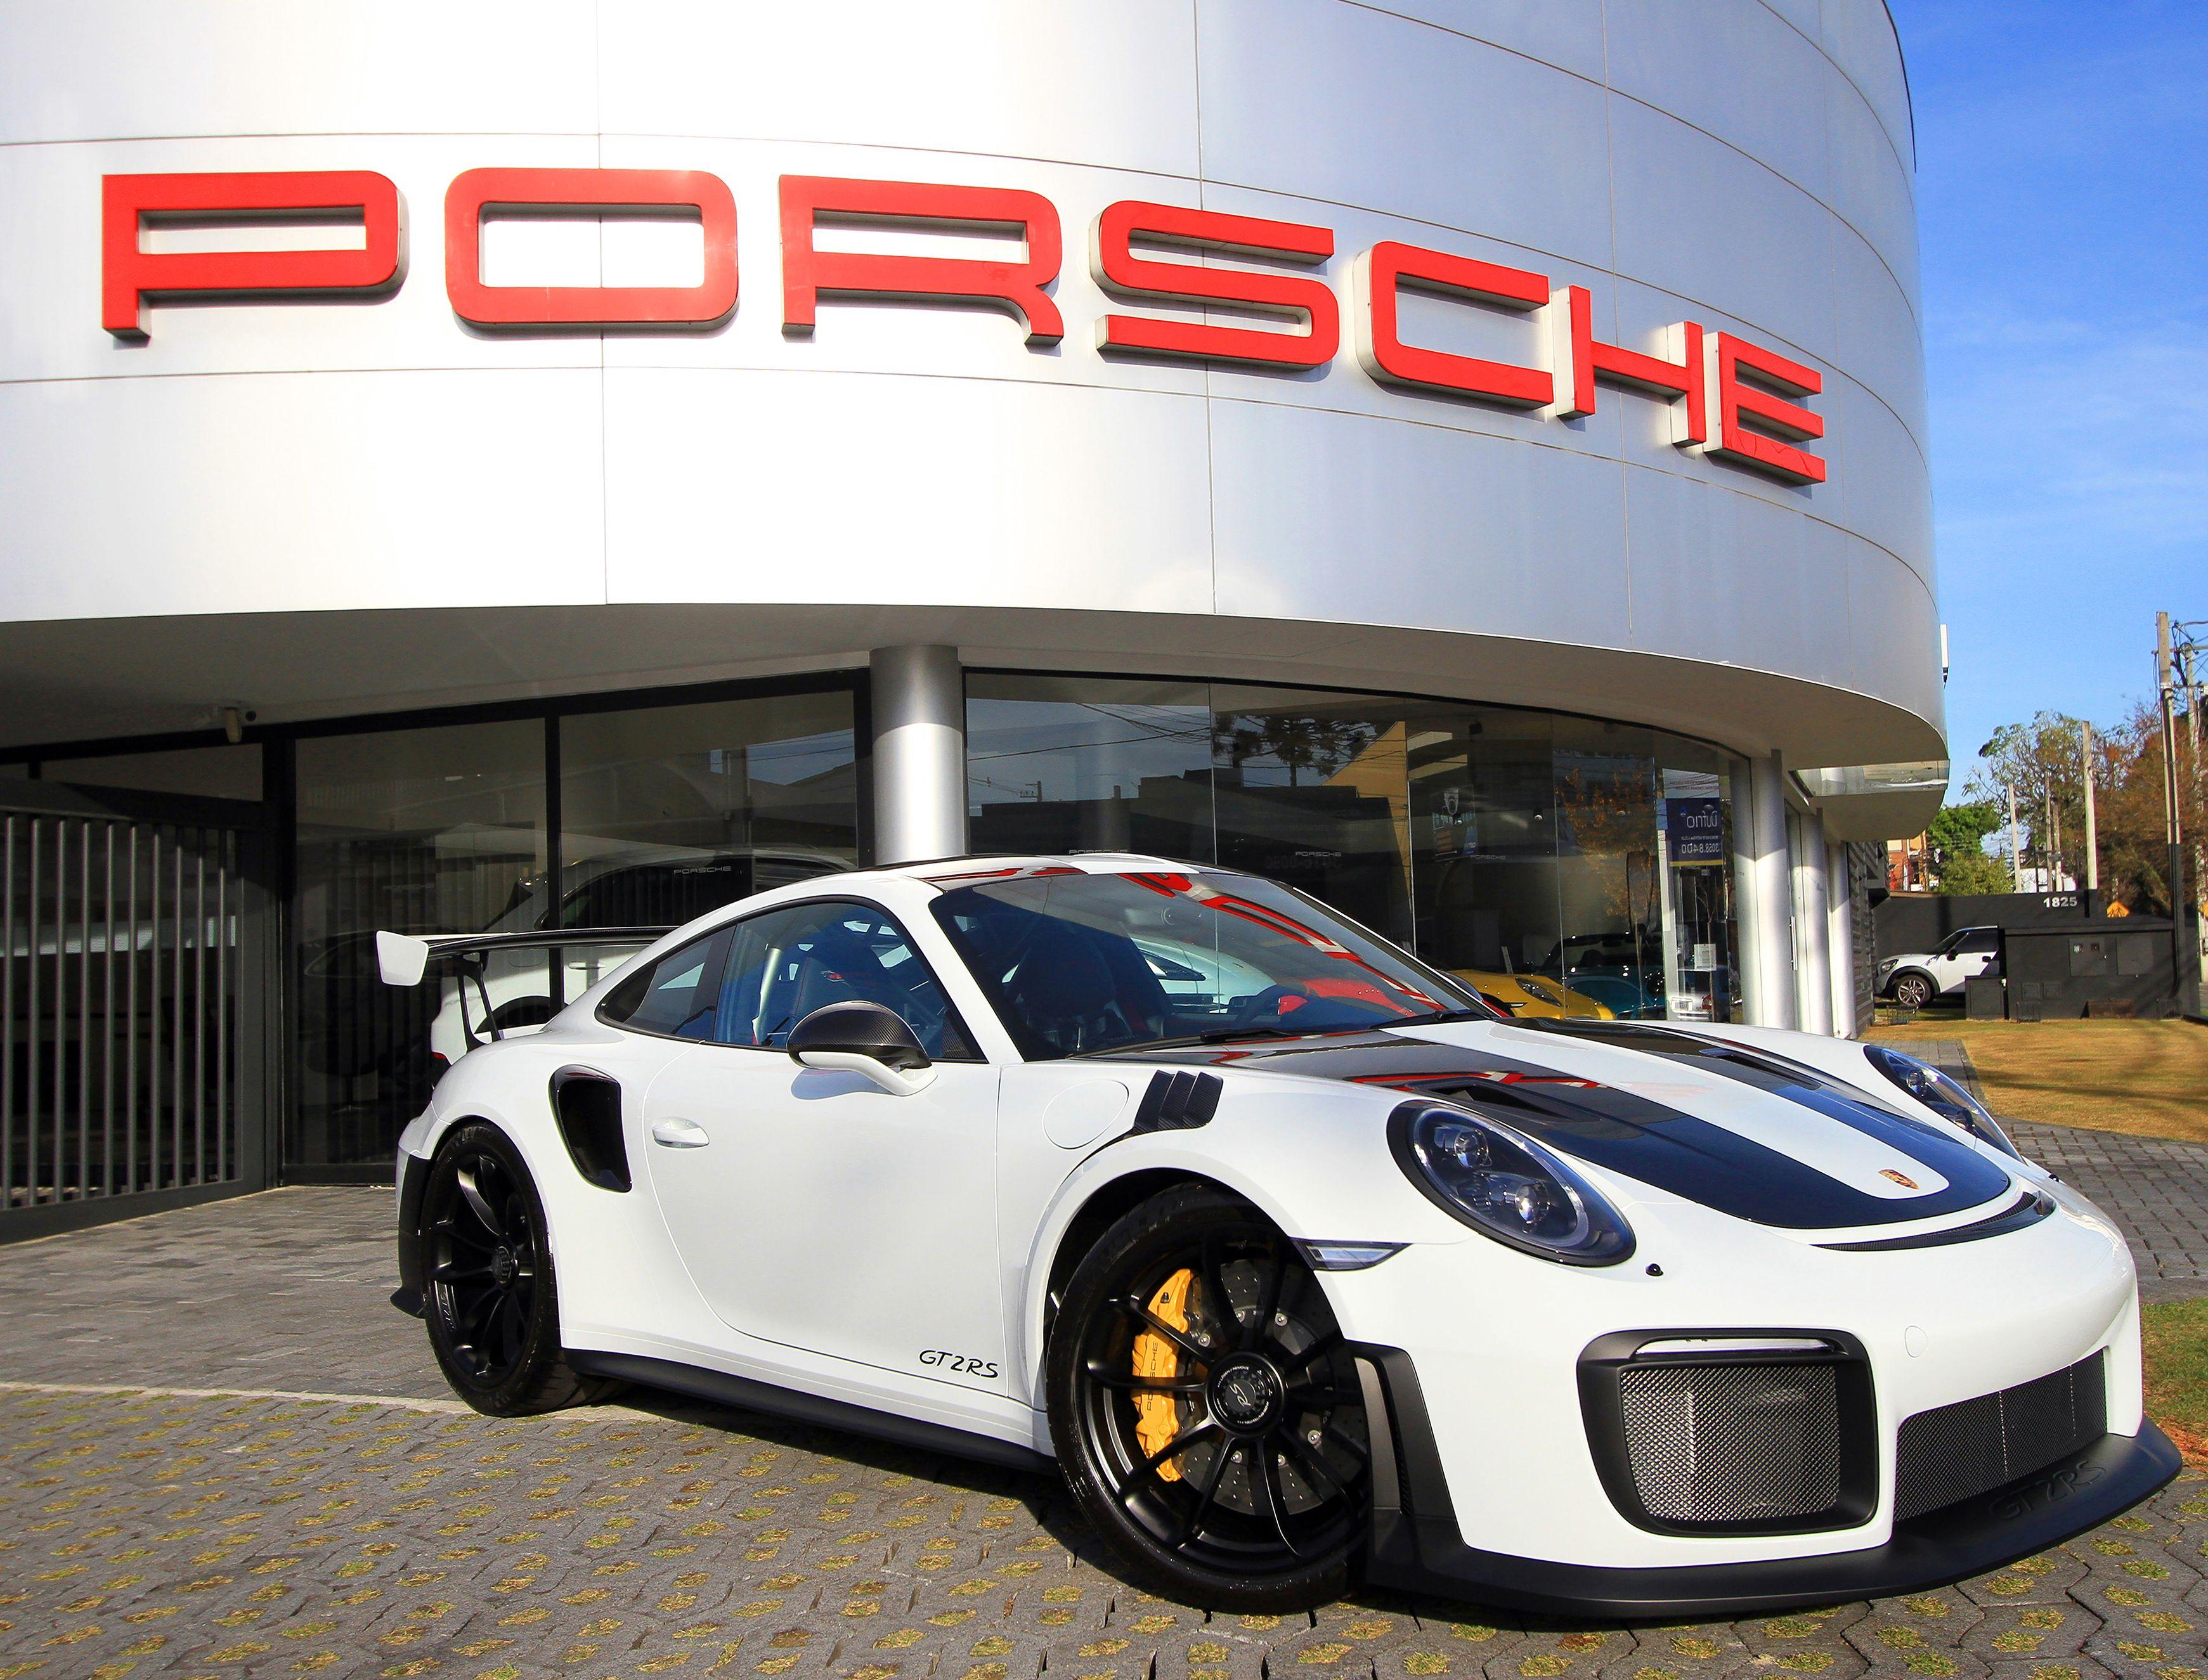 Uma das Porsches foi encomenda na Porsche Center de Curitiba. Crédito: Rafael Ferreira/ Divulgação Porsche